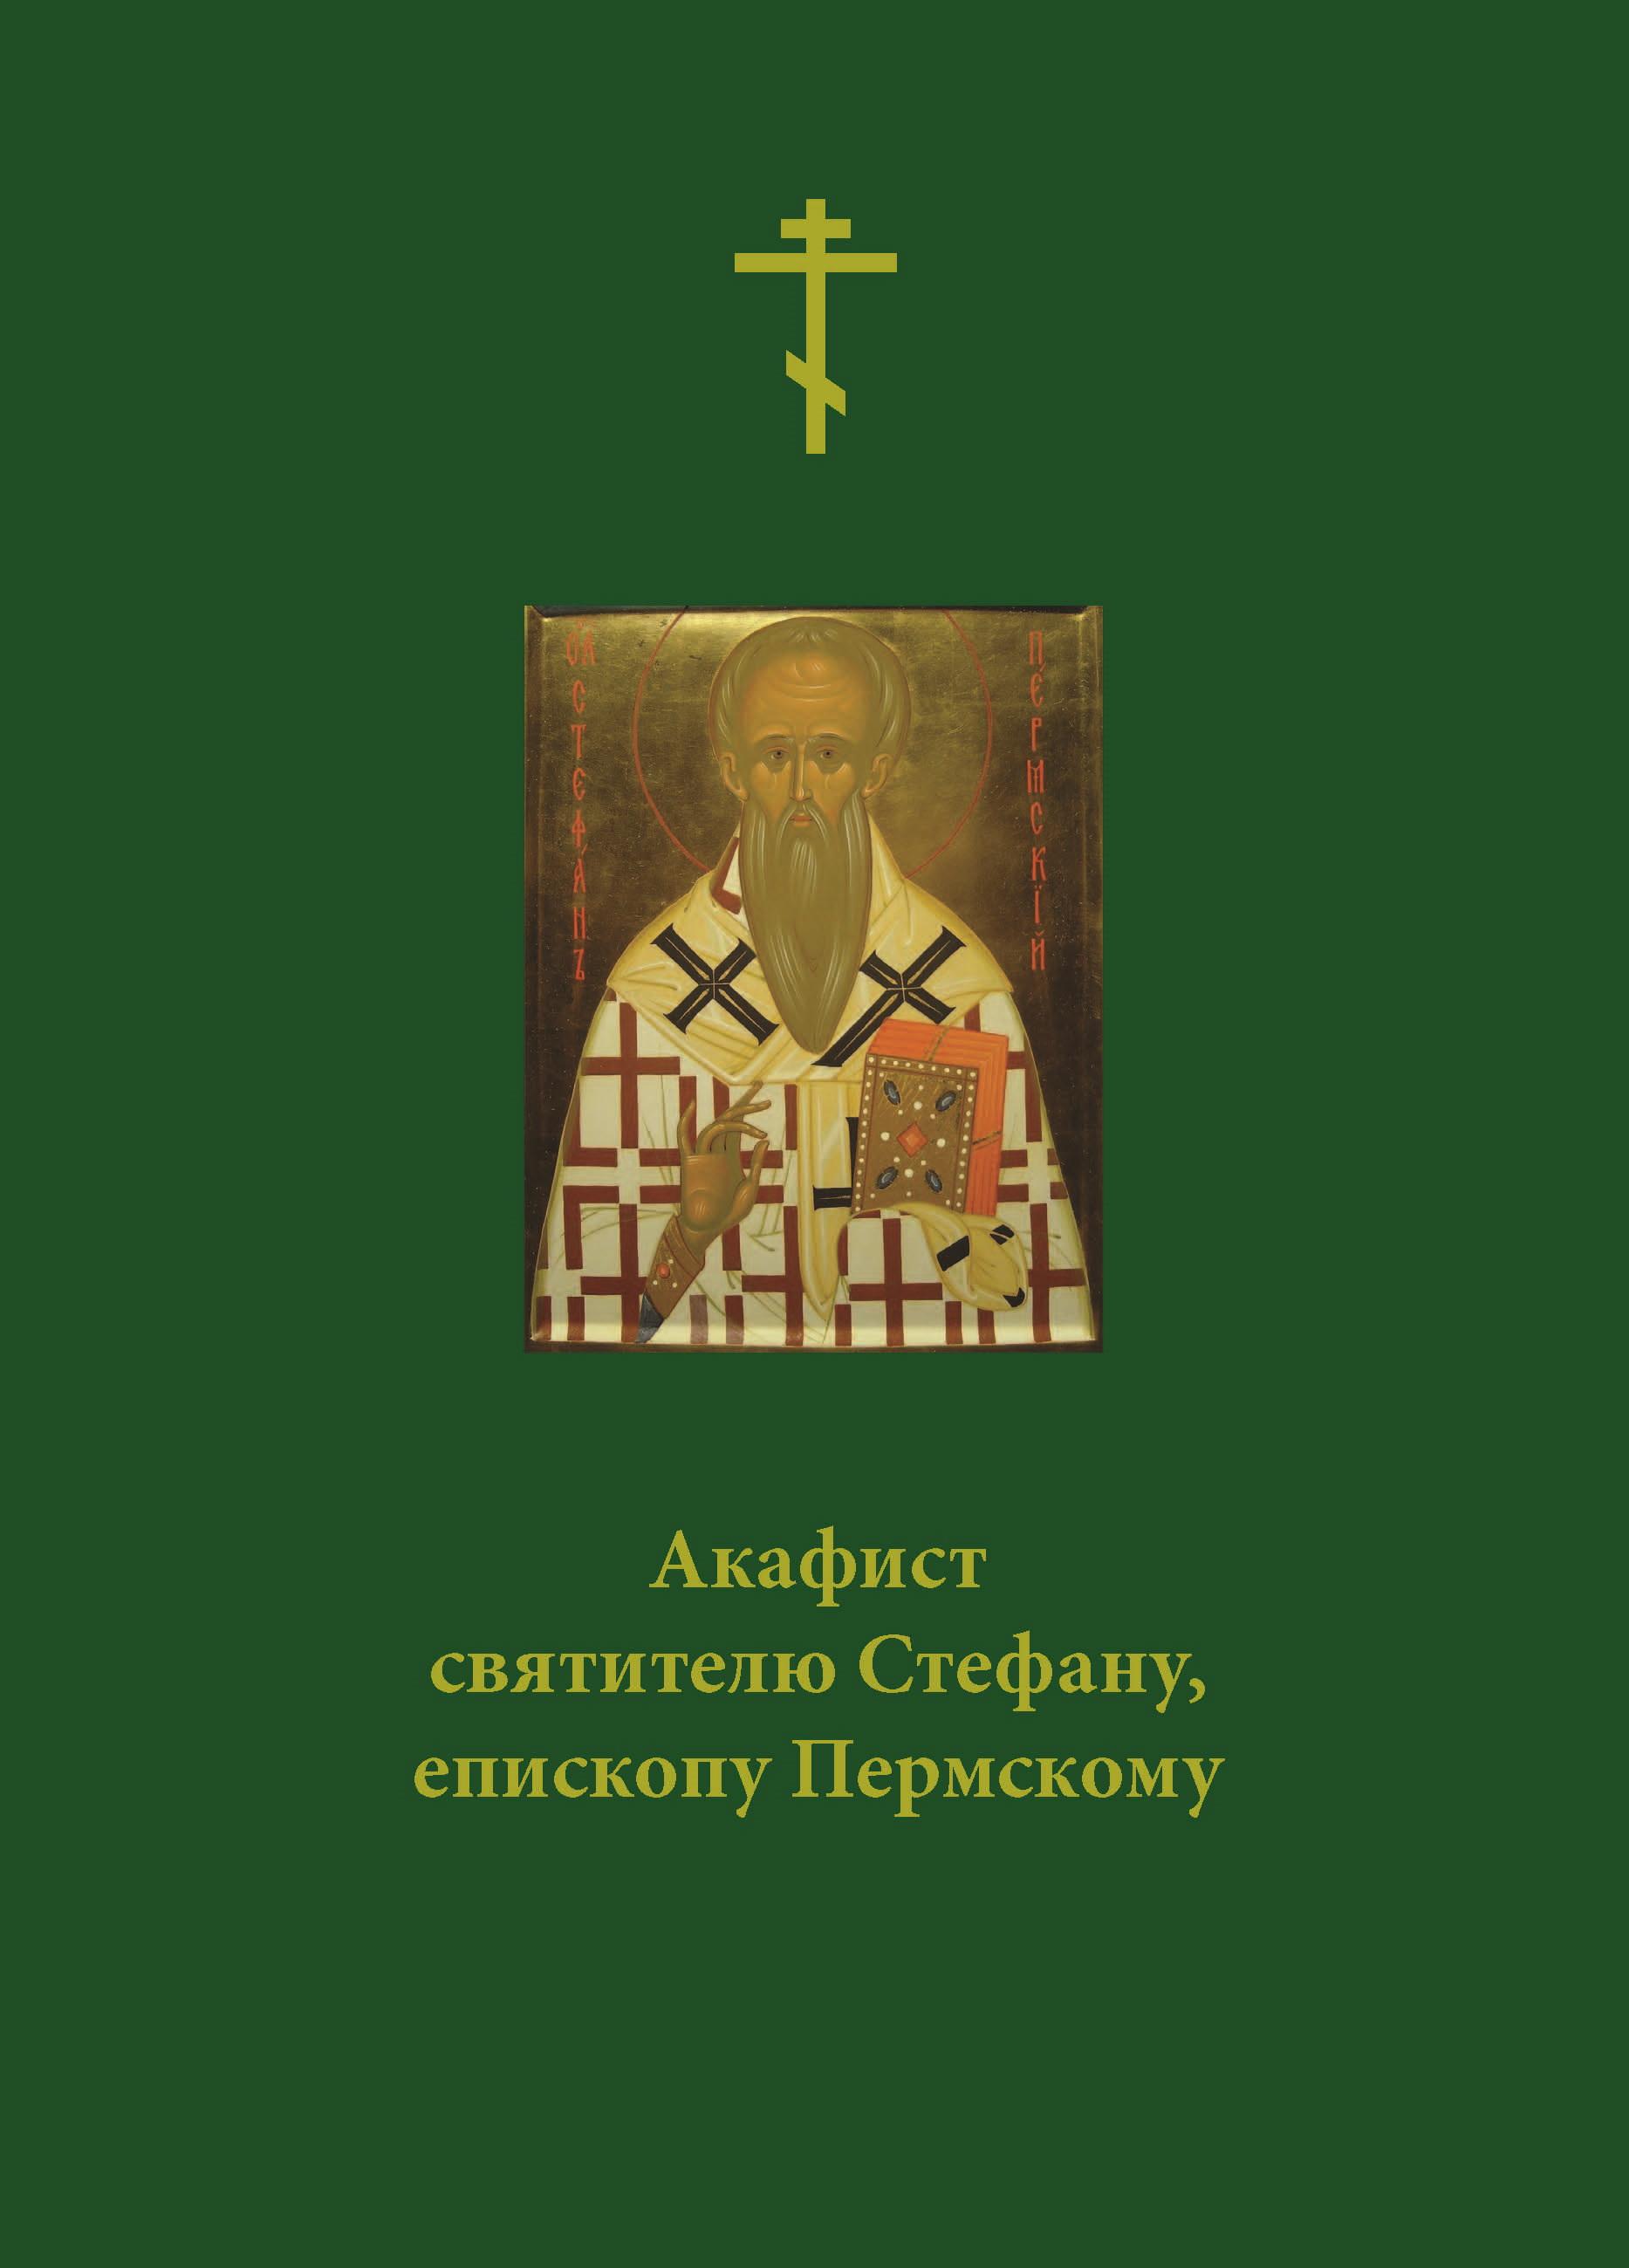 Акафист святителю Стефану, епископу Пермскому